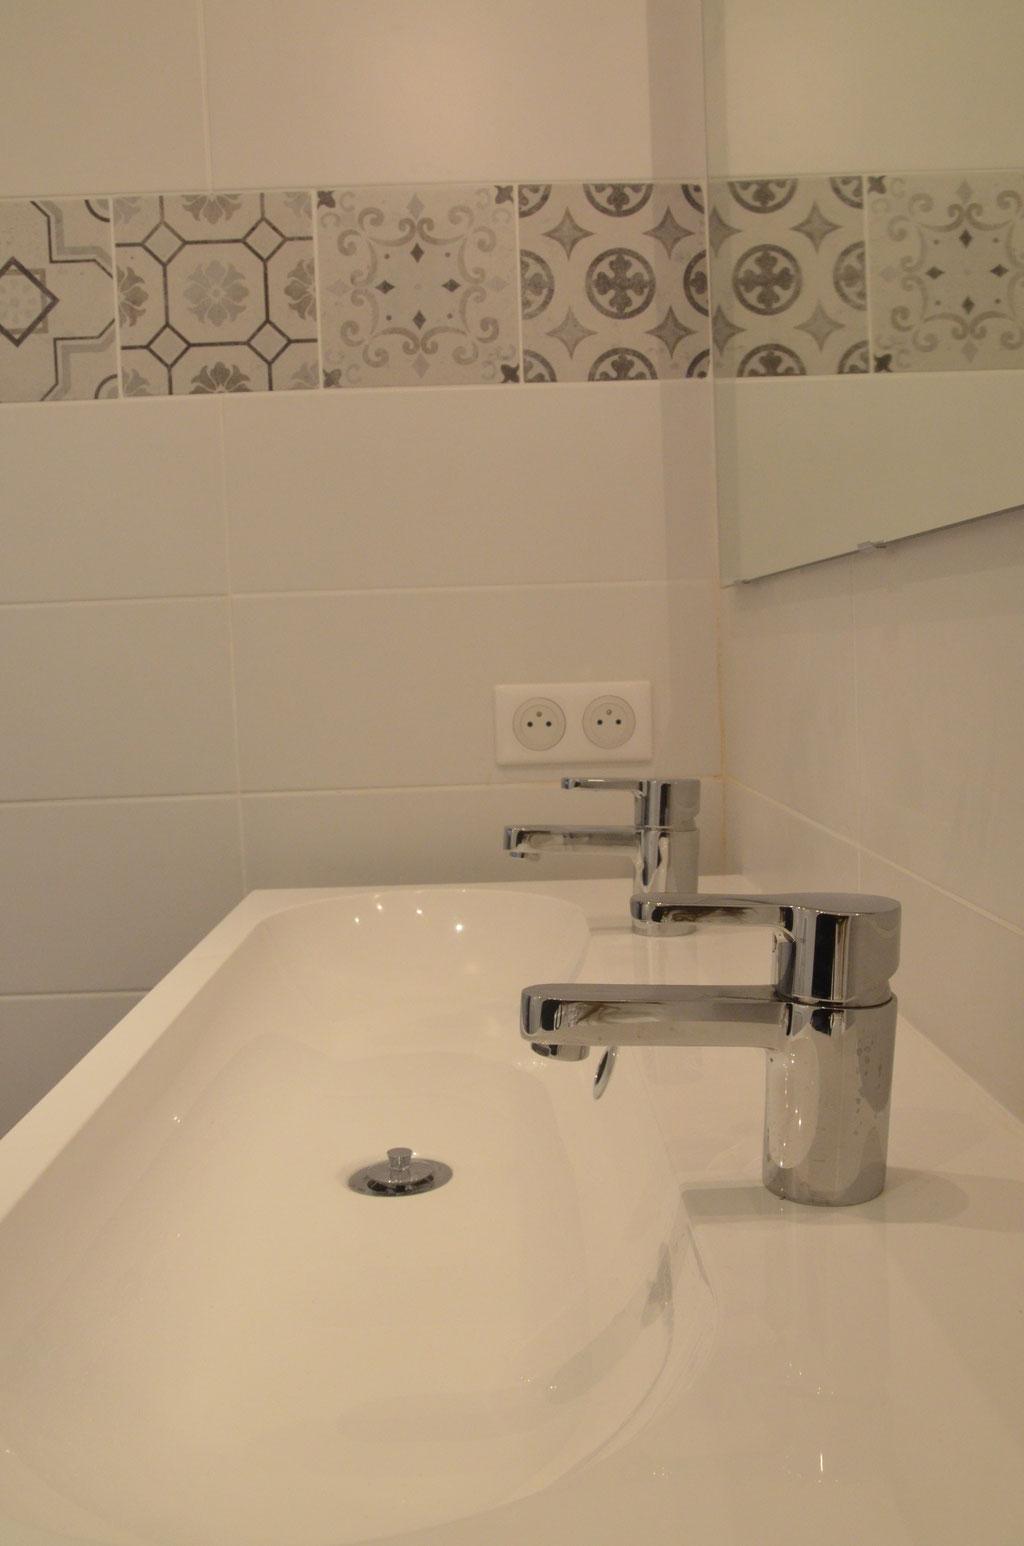 AL Intérieurs, agence architecture intérieur et décoration lyon, rénovation d'une salle de bains design avec carreaux de ciments